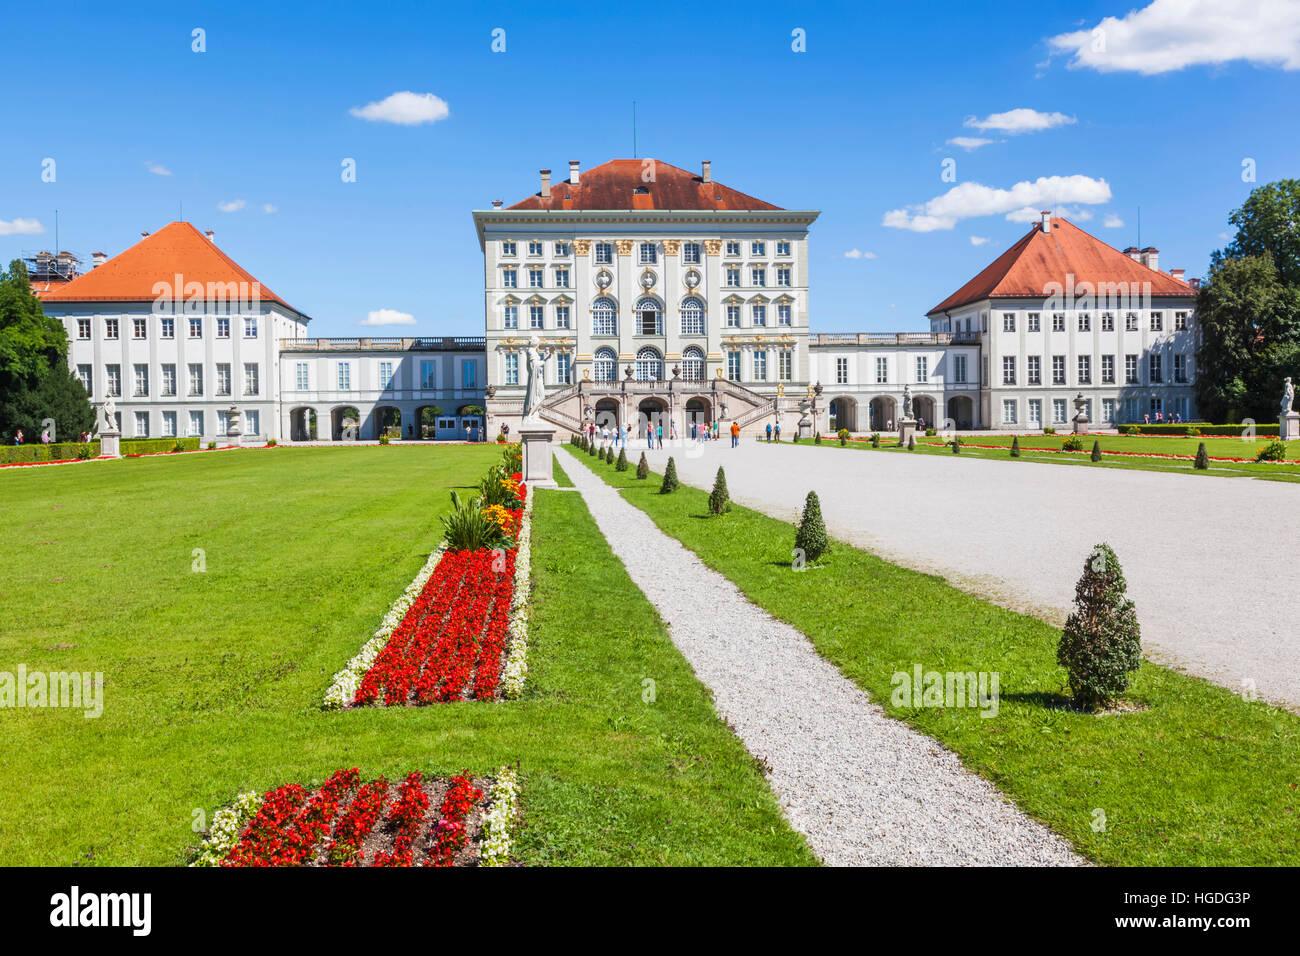 In Germania, in Baviera, Monaco di Baviera, il palazzo di Nymphenburg Immagini Stock